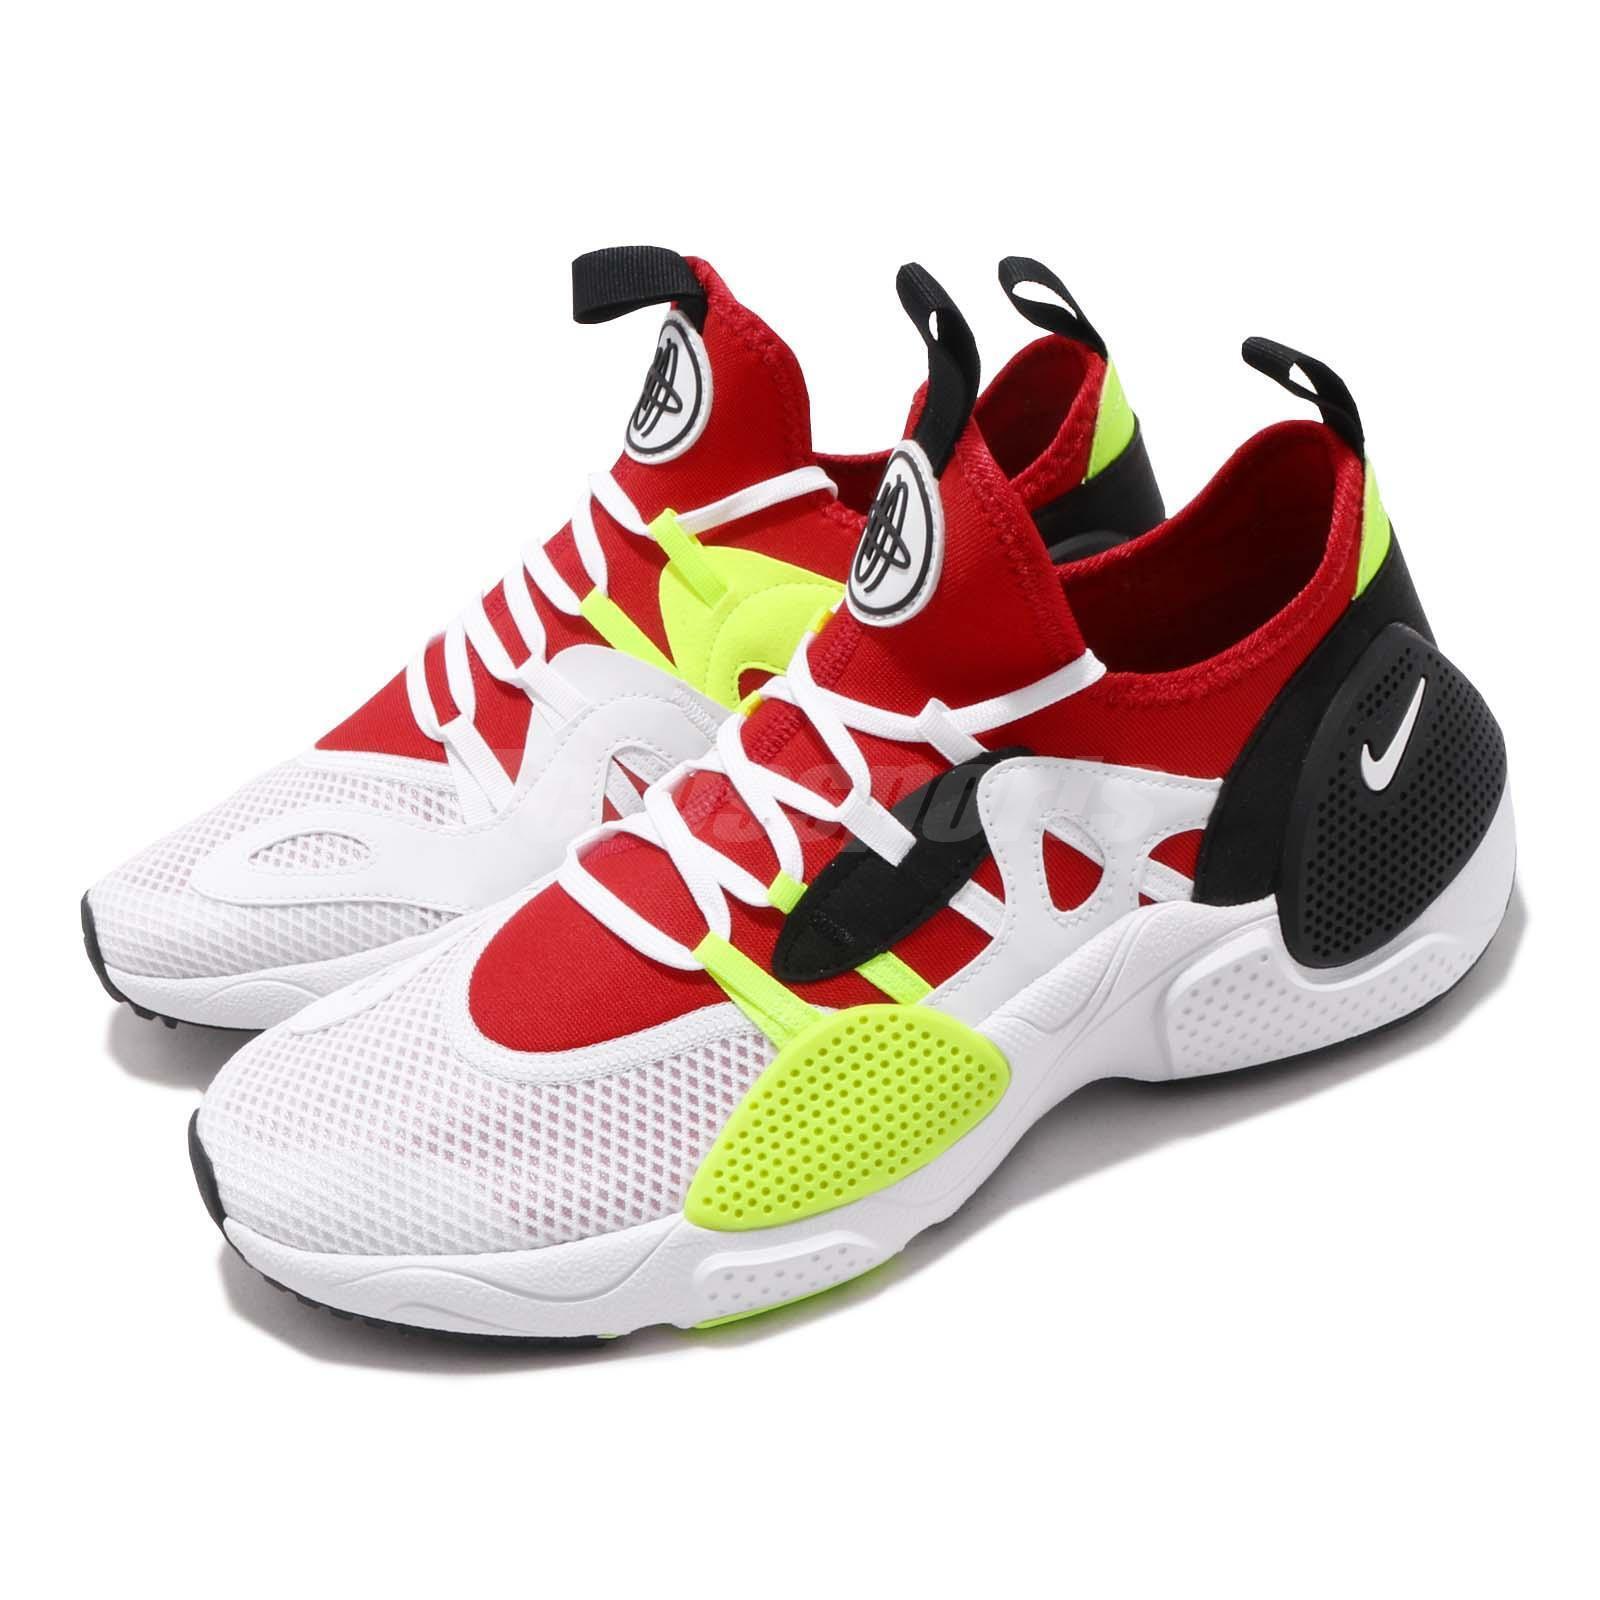 Nike Huarache E.D.G.E. Txt White Red Volt Black Men shoes Sneakers AO1697-100